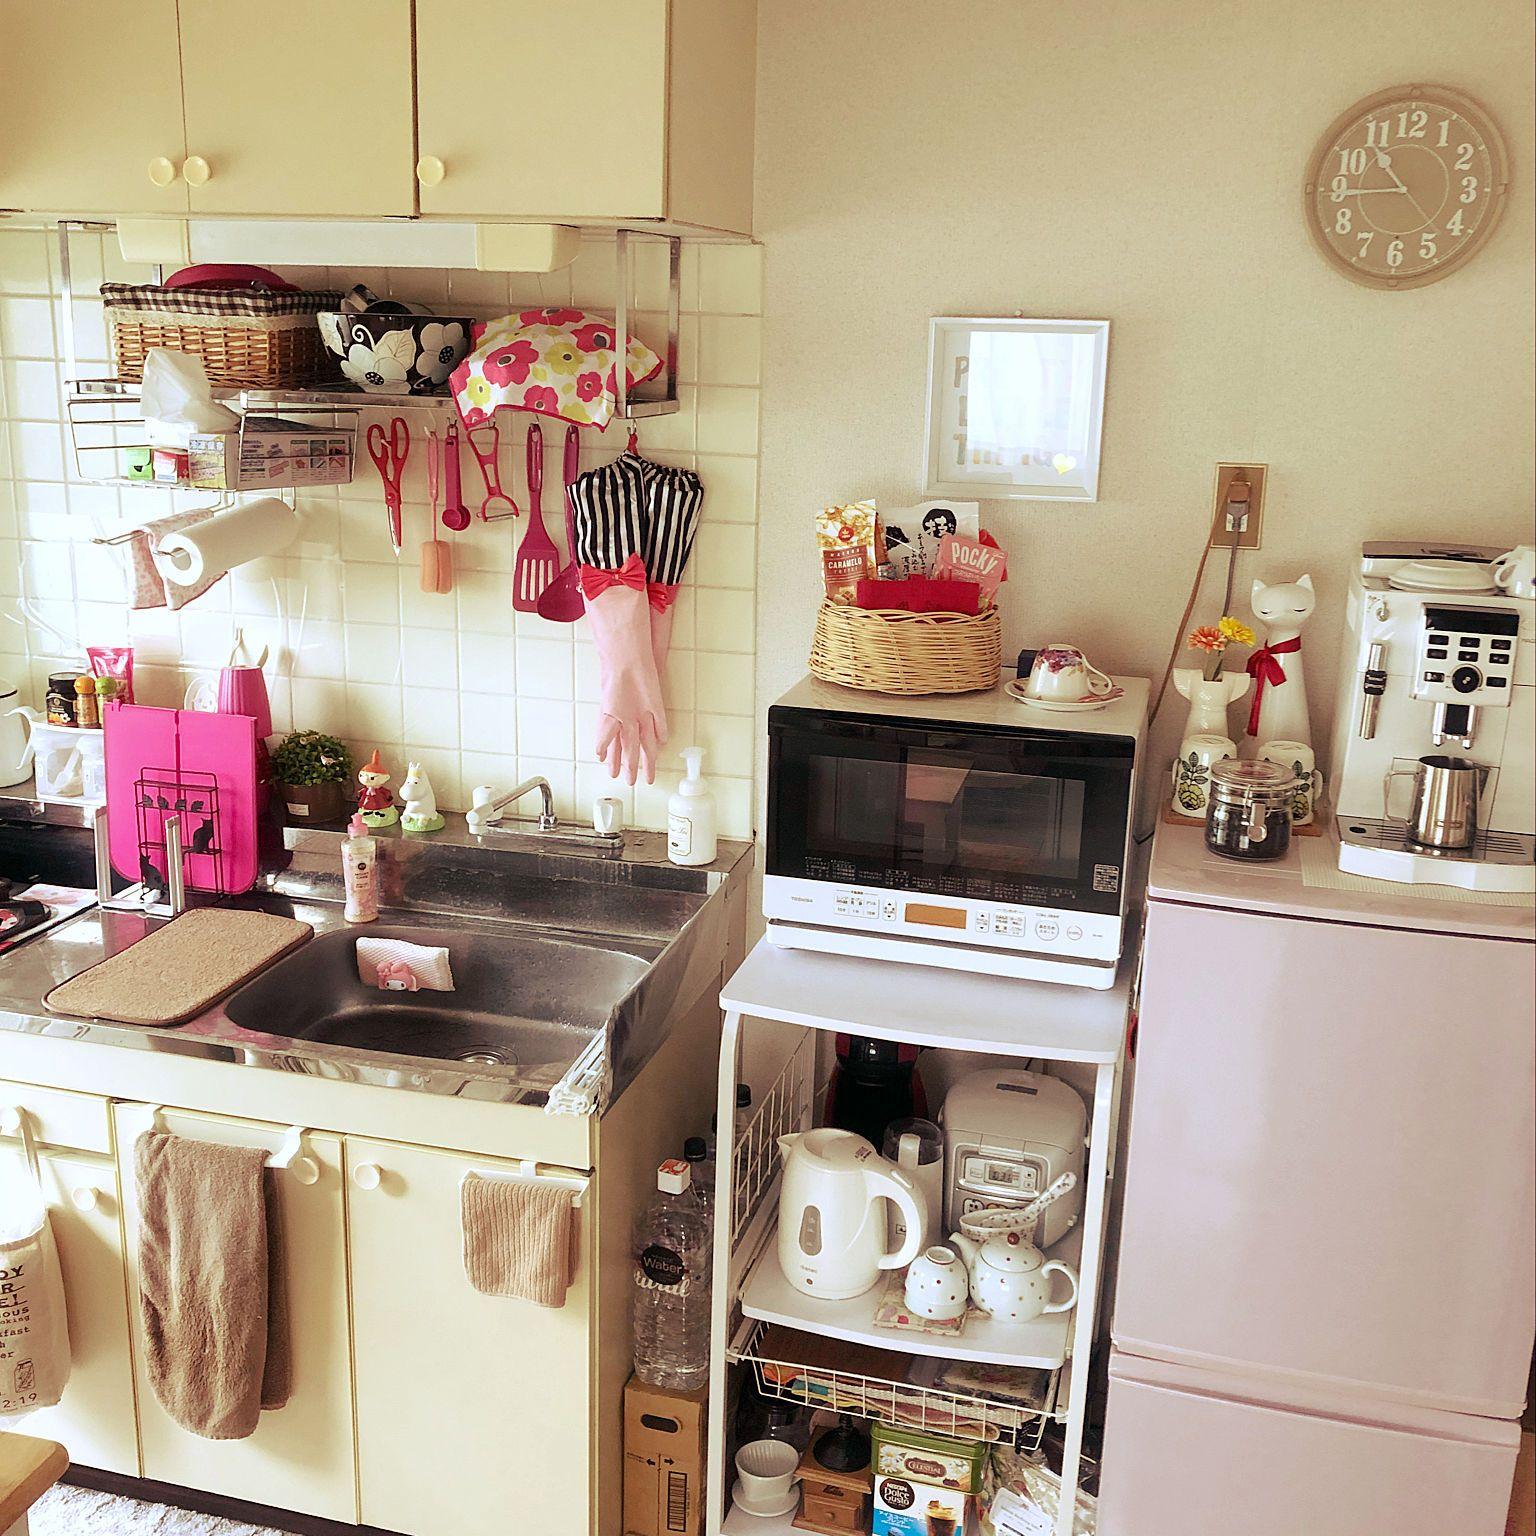 キッチン 水回り 生活感 築30年以上 一人暮らし などのインテリア実例 2018 06 17 13 47 48 Roomclip ルームクリップ アパート生活 インテリア インテリア 実例